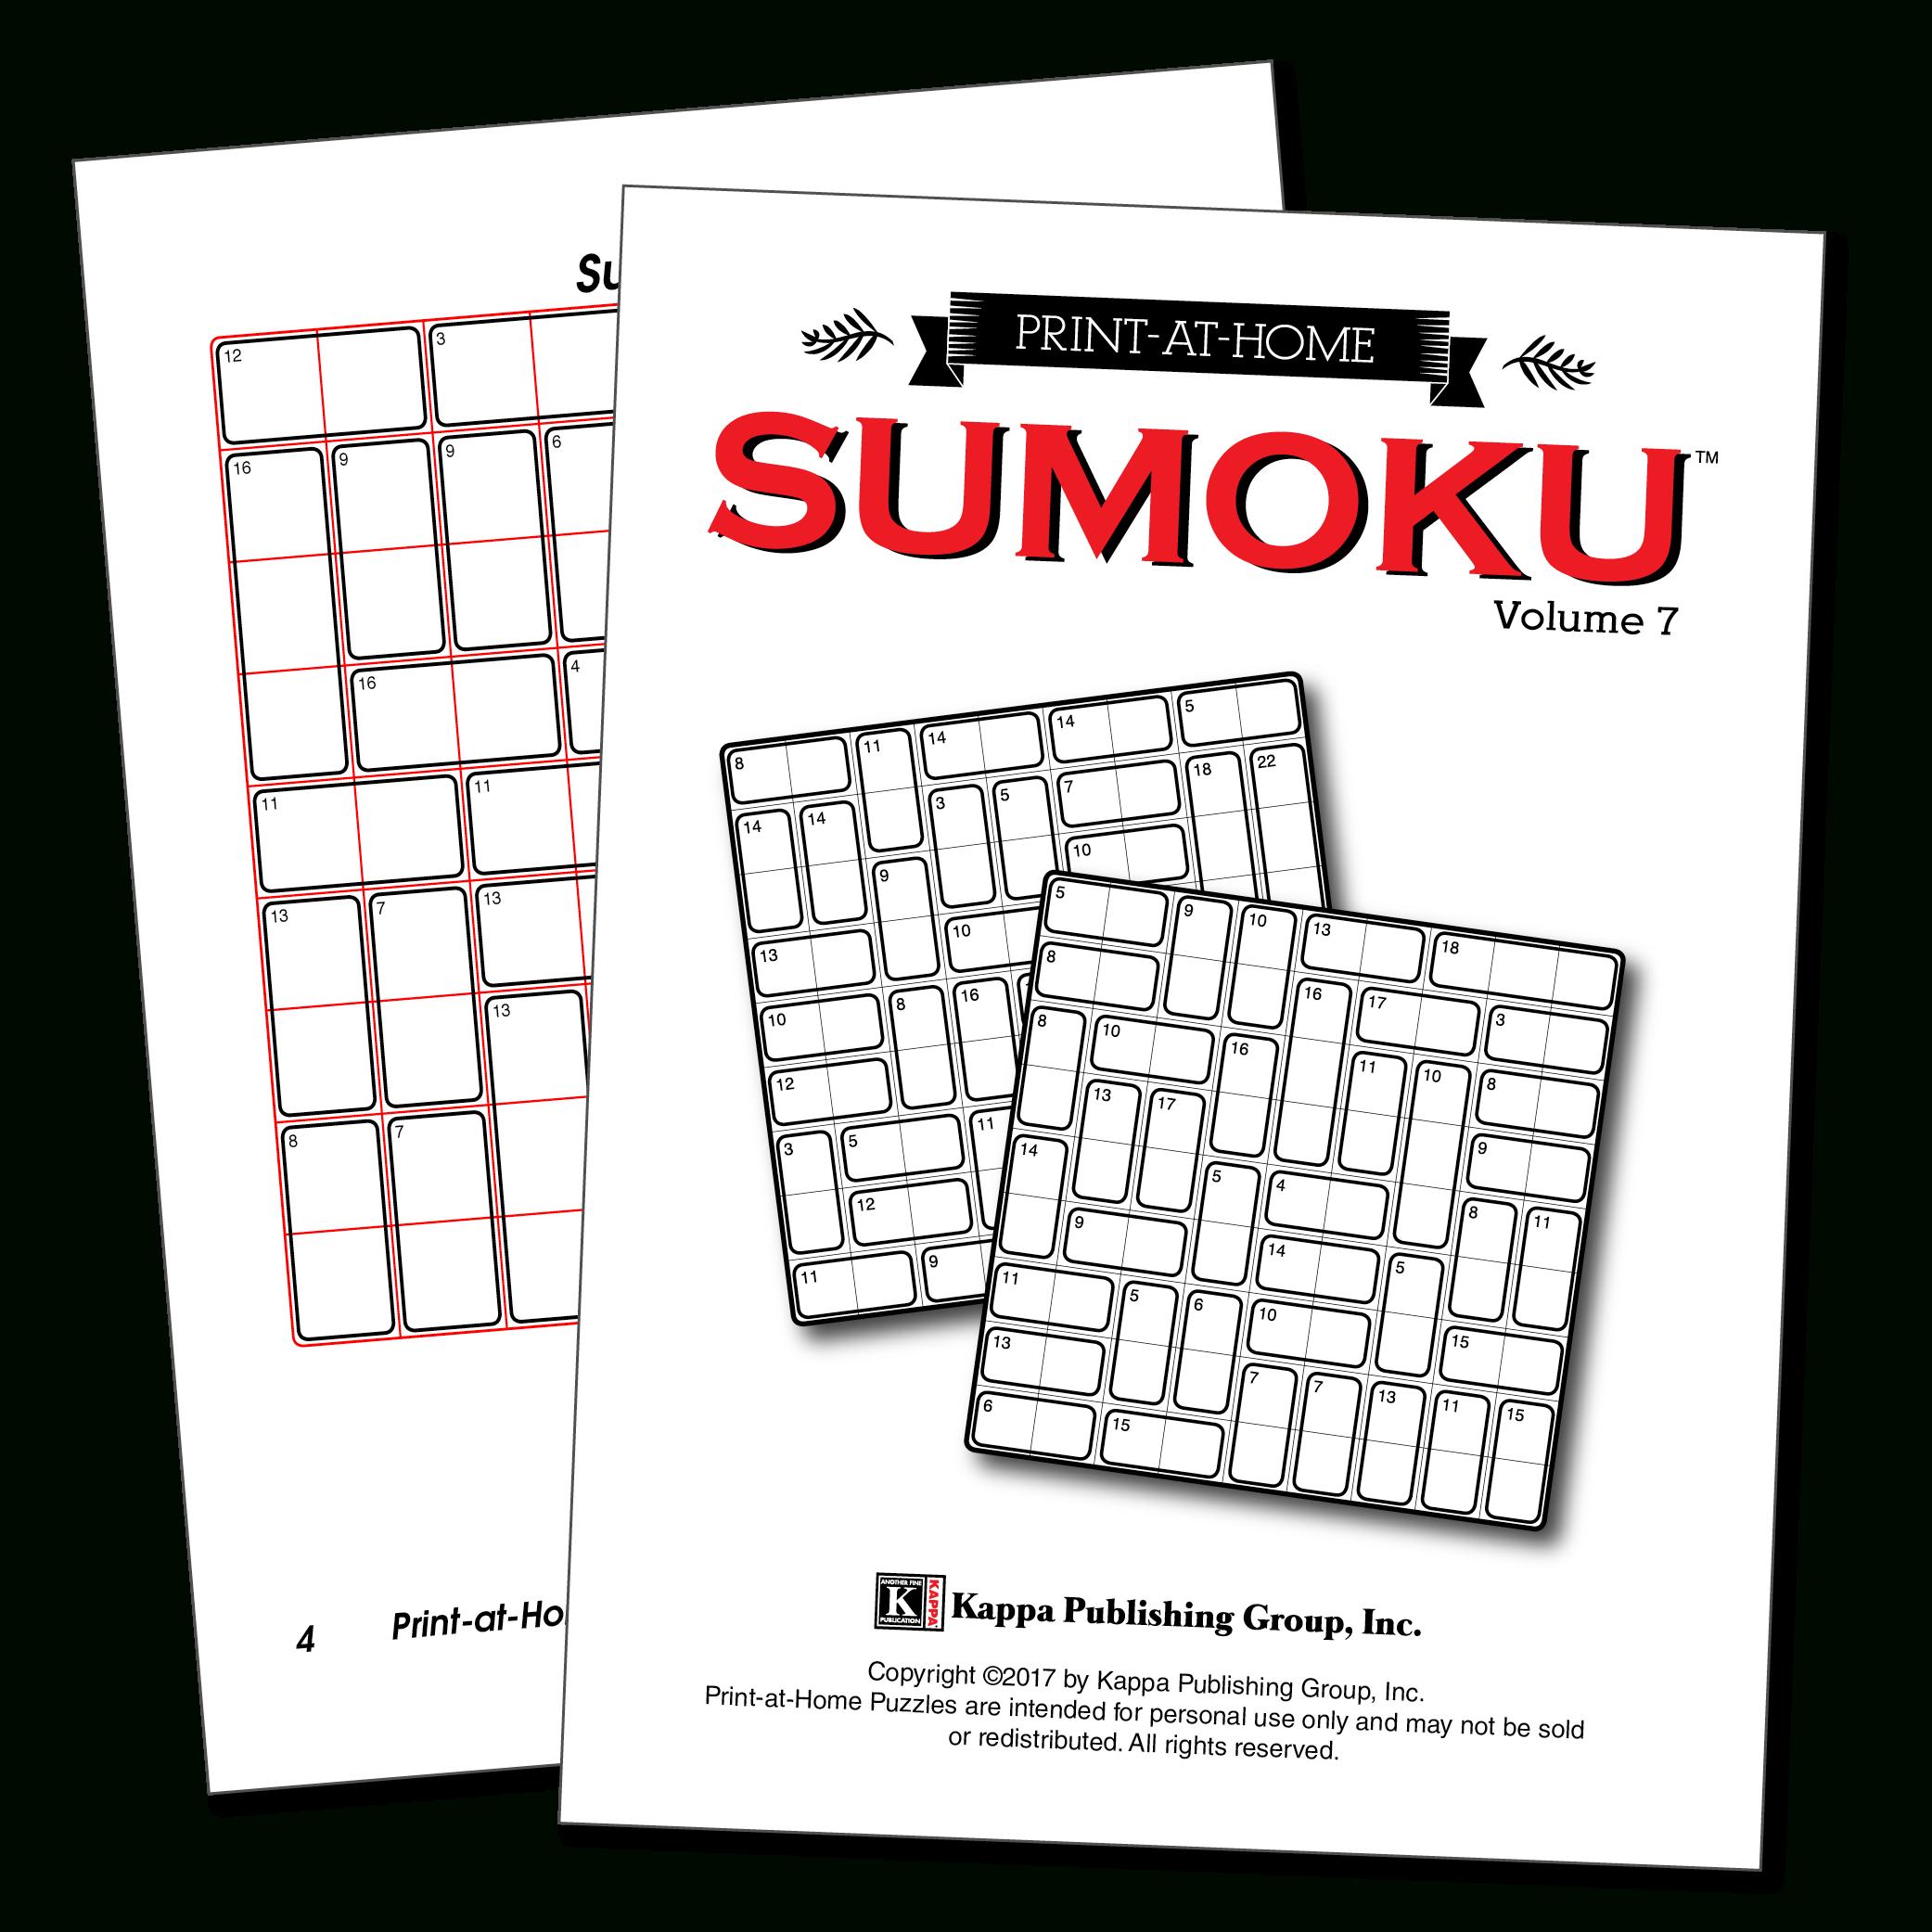 Print-At-Home Sumoku – Kappa Puzzles - Printable Variety Puzzles